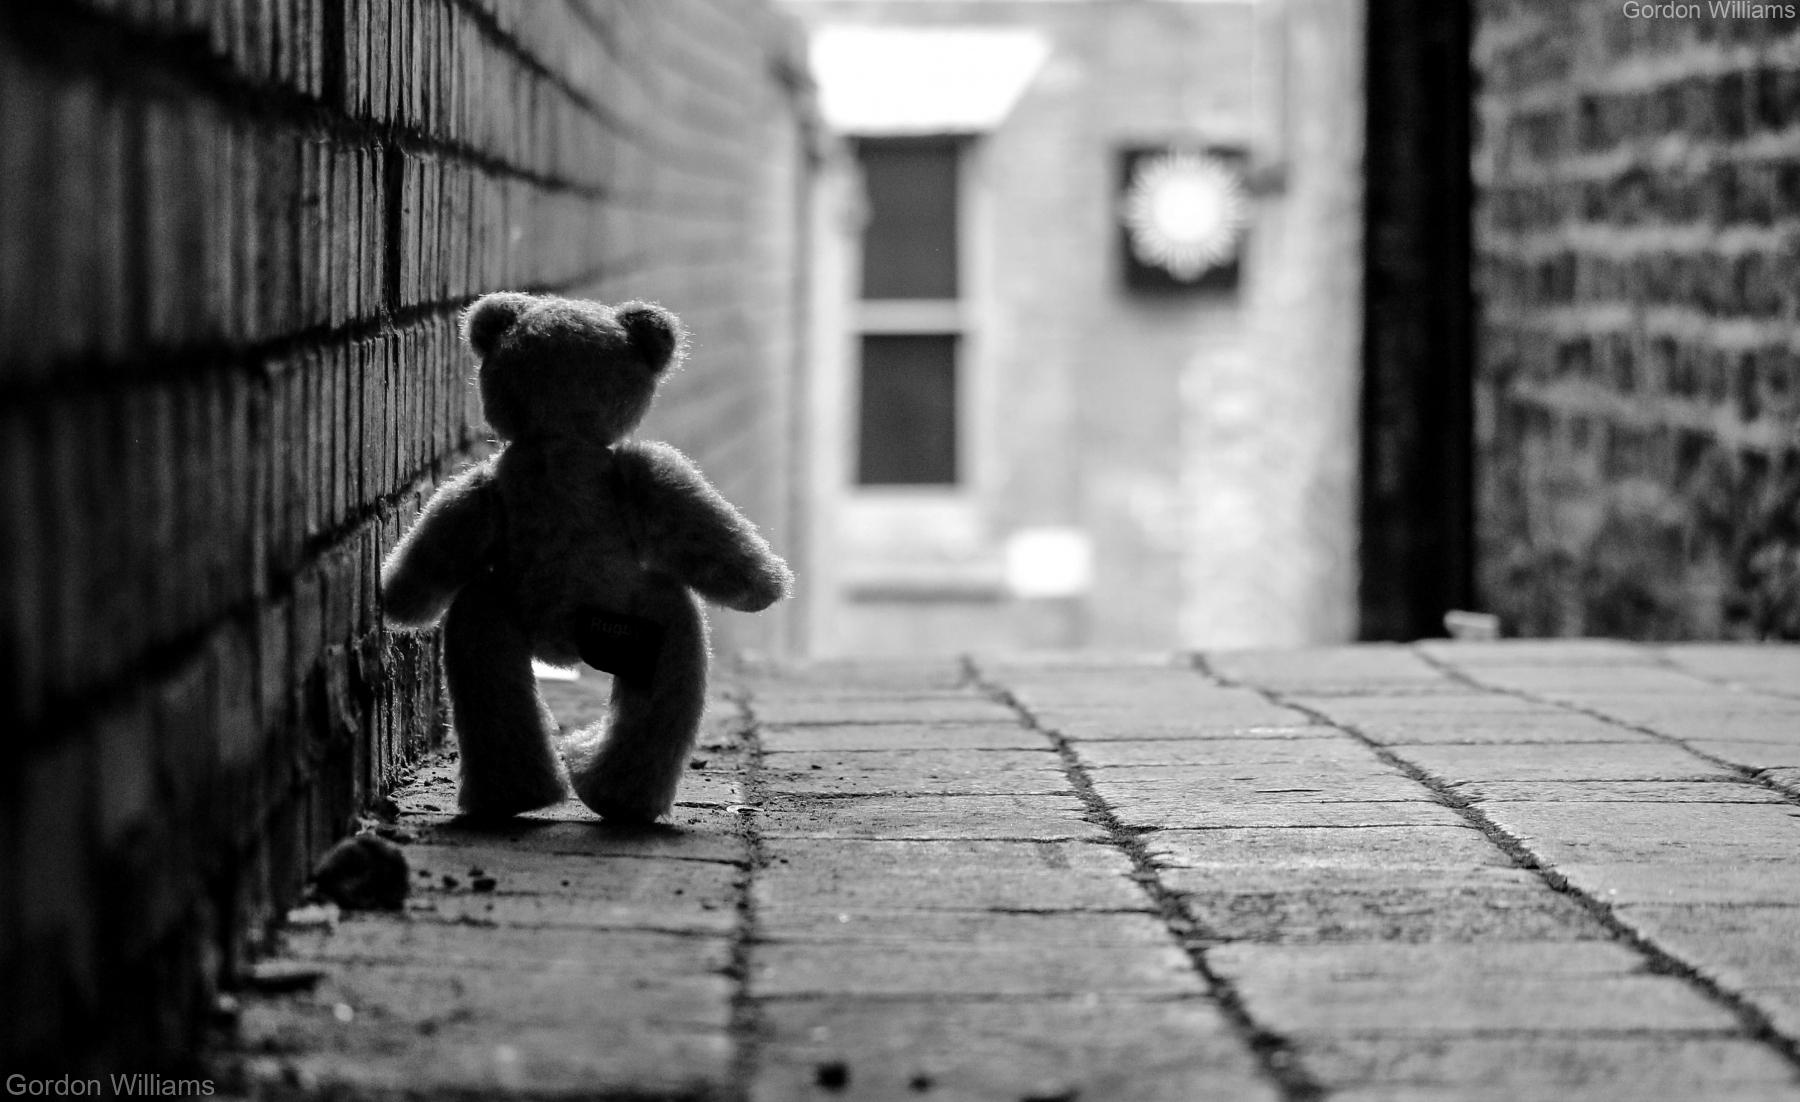 Back alley teddy